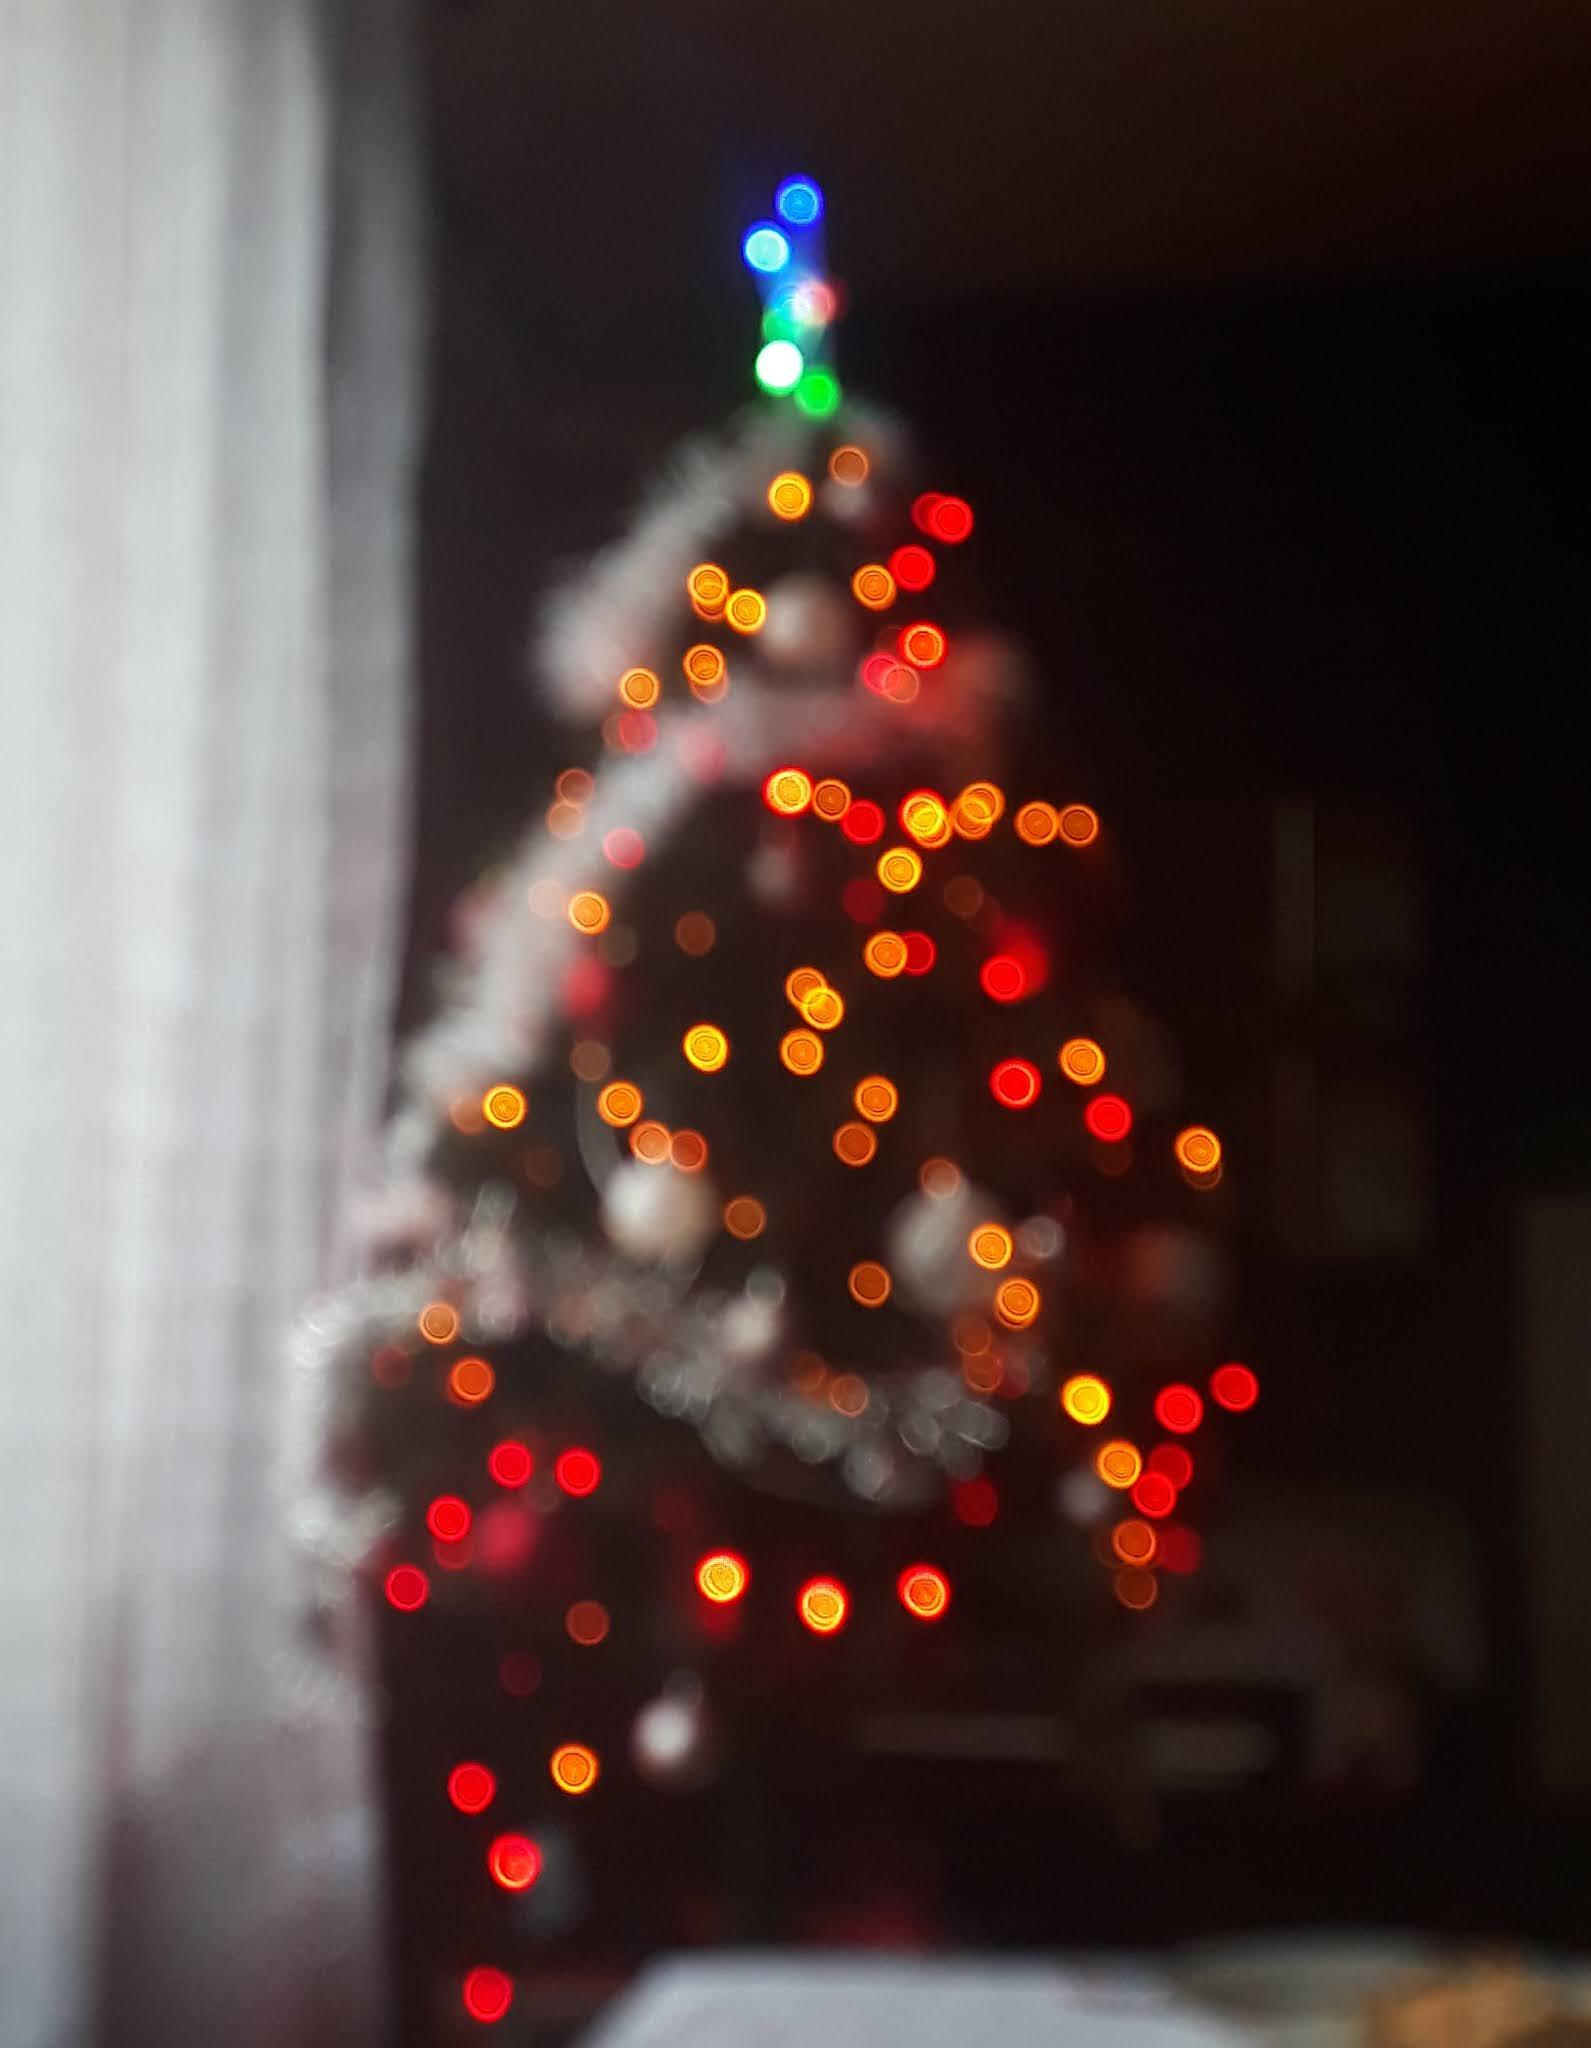 Święta Bożego Narodzenia 2020 | choinka, ozdoby, życzenia świąteczne